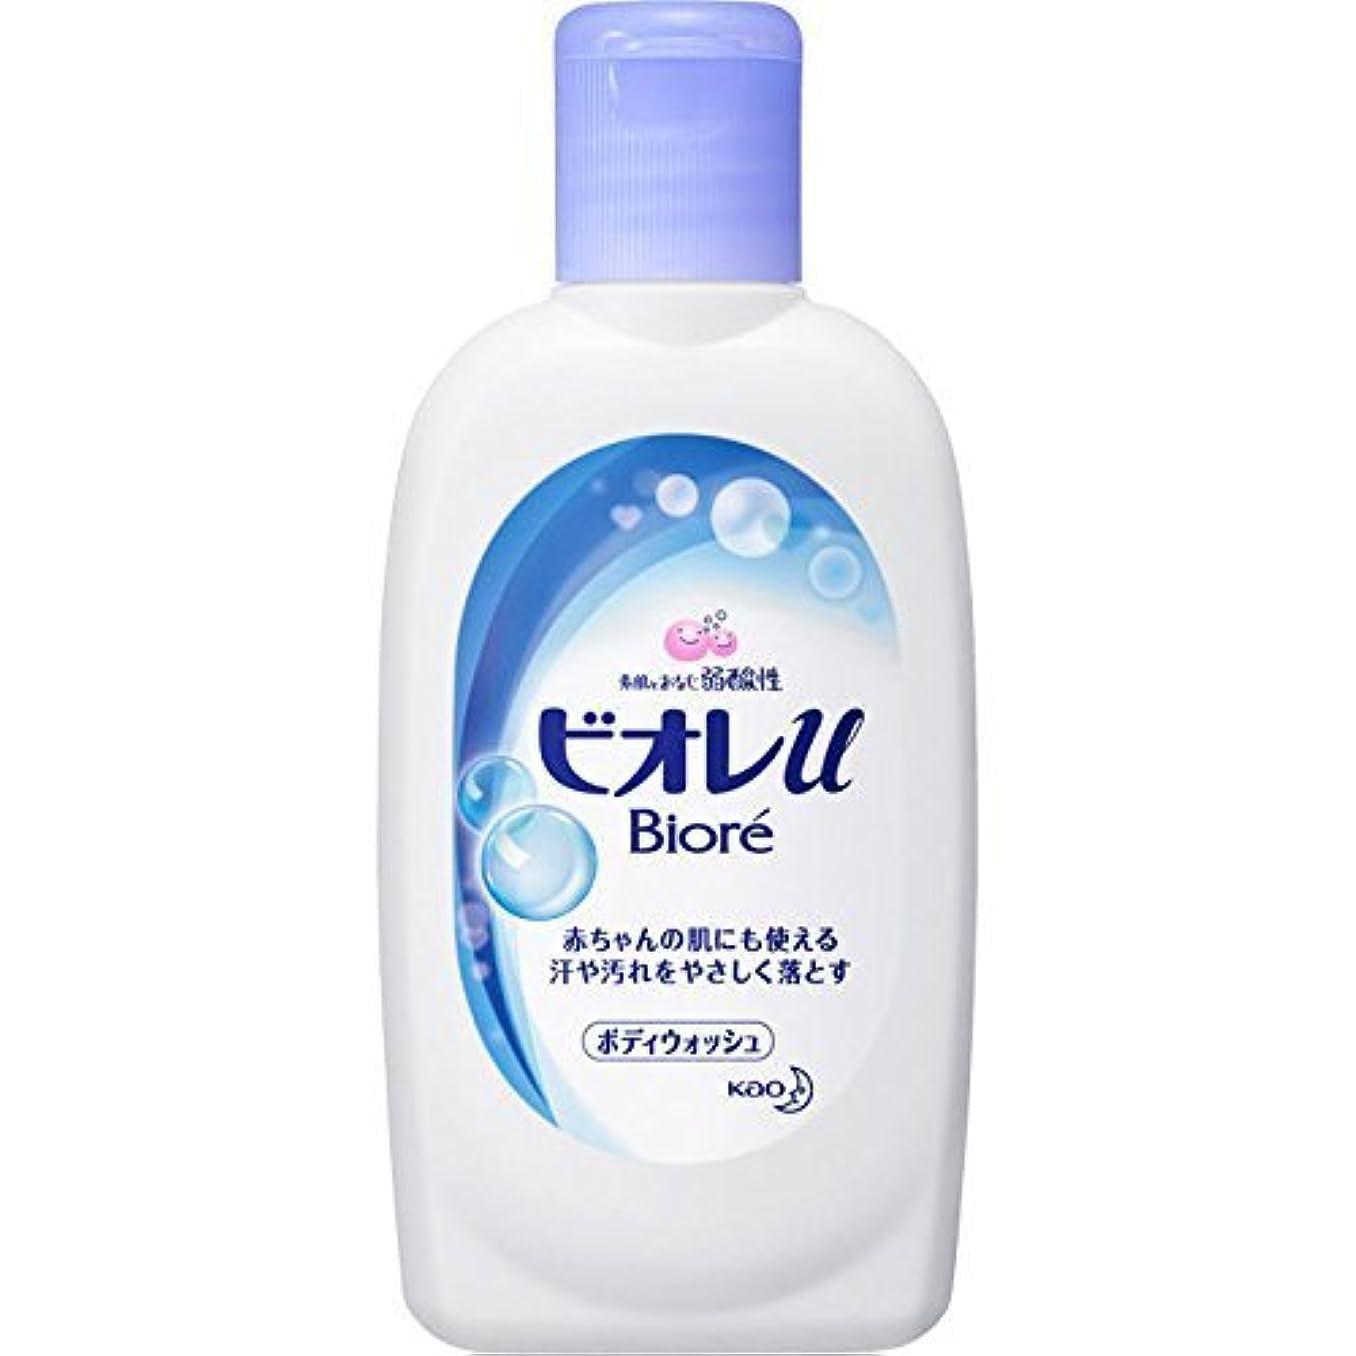 上院プログレッシブ非常に【花王】ビオレu ミニフレッシュフローラルの香り 90ml ×10個セット